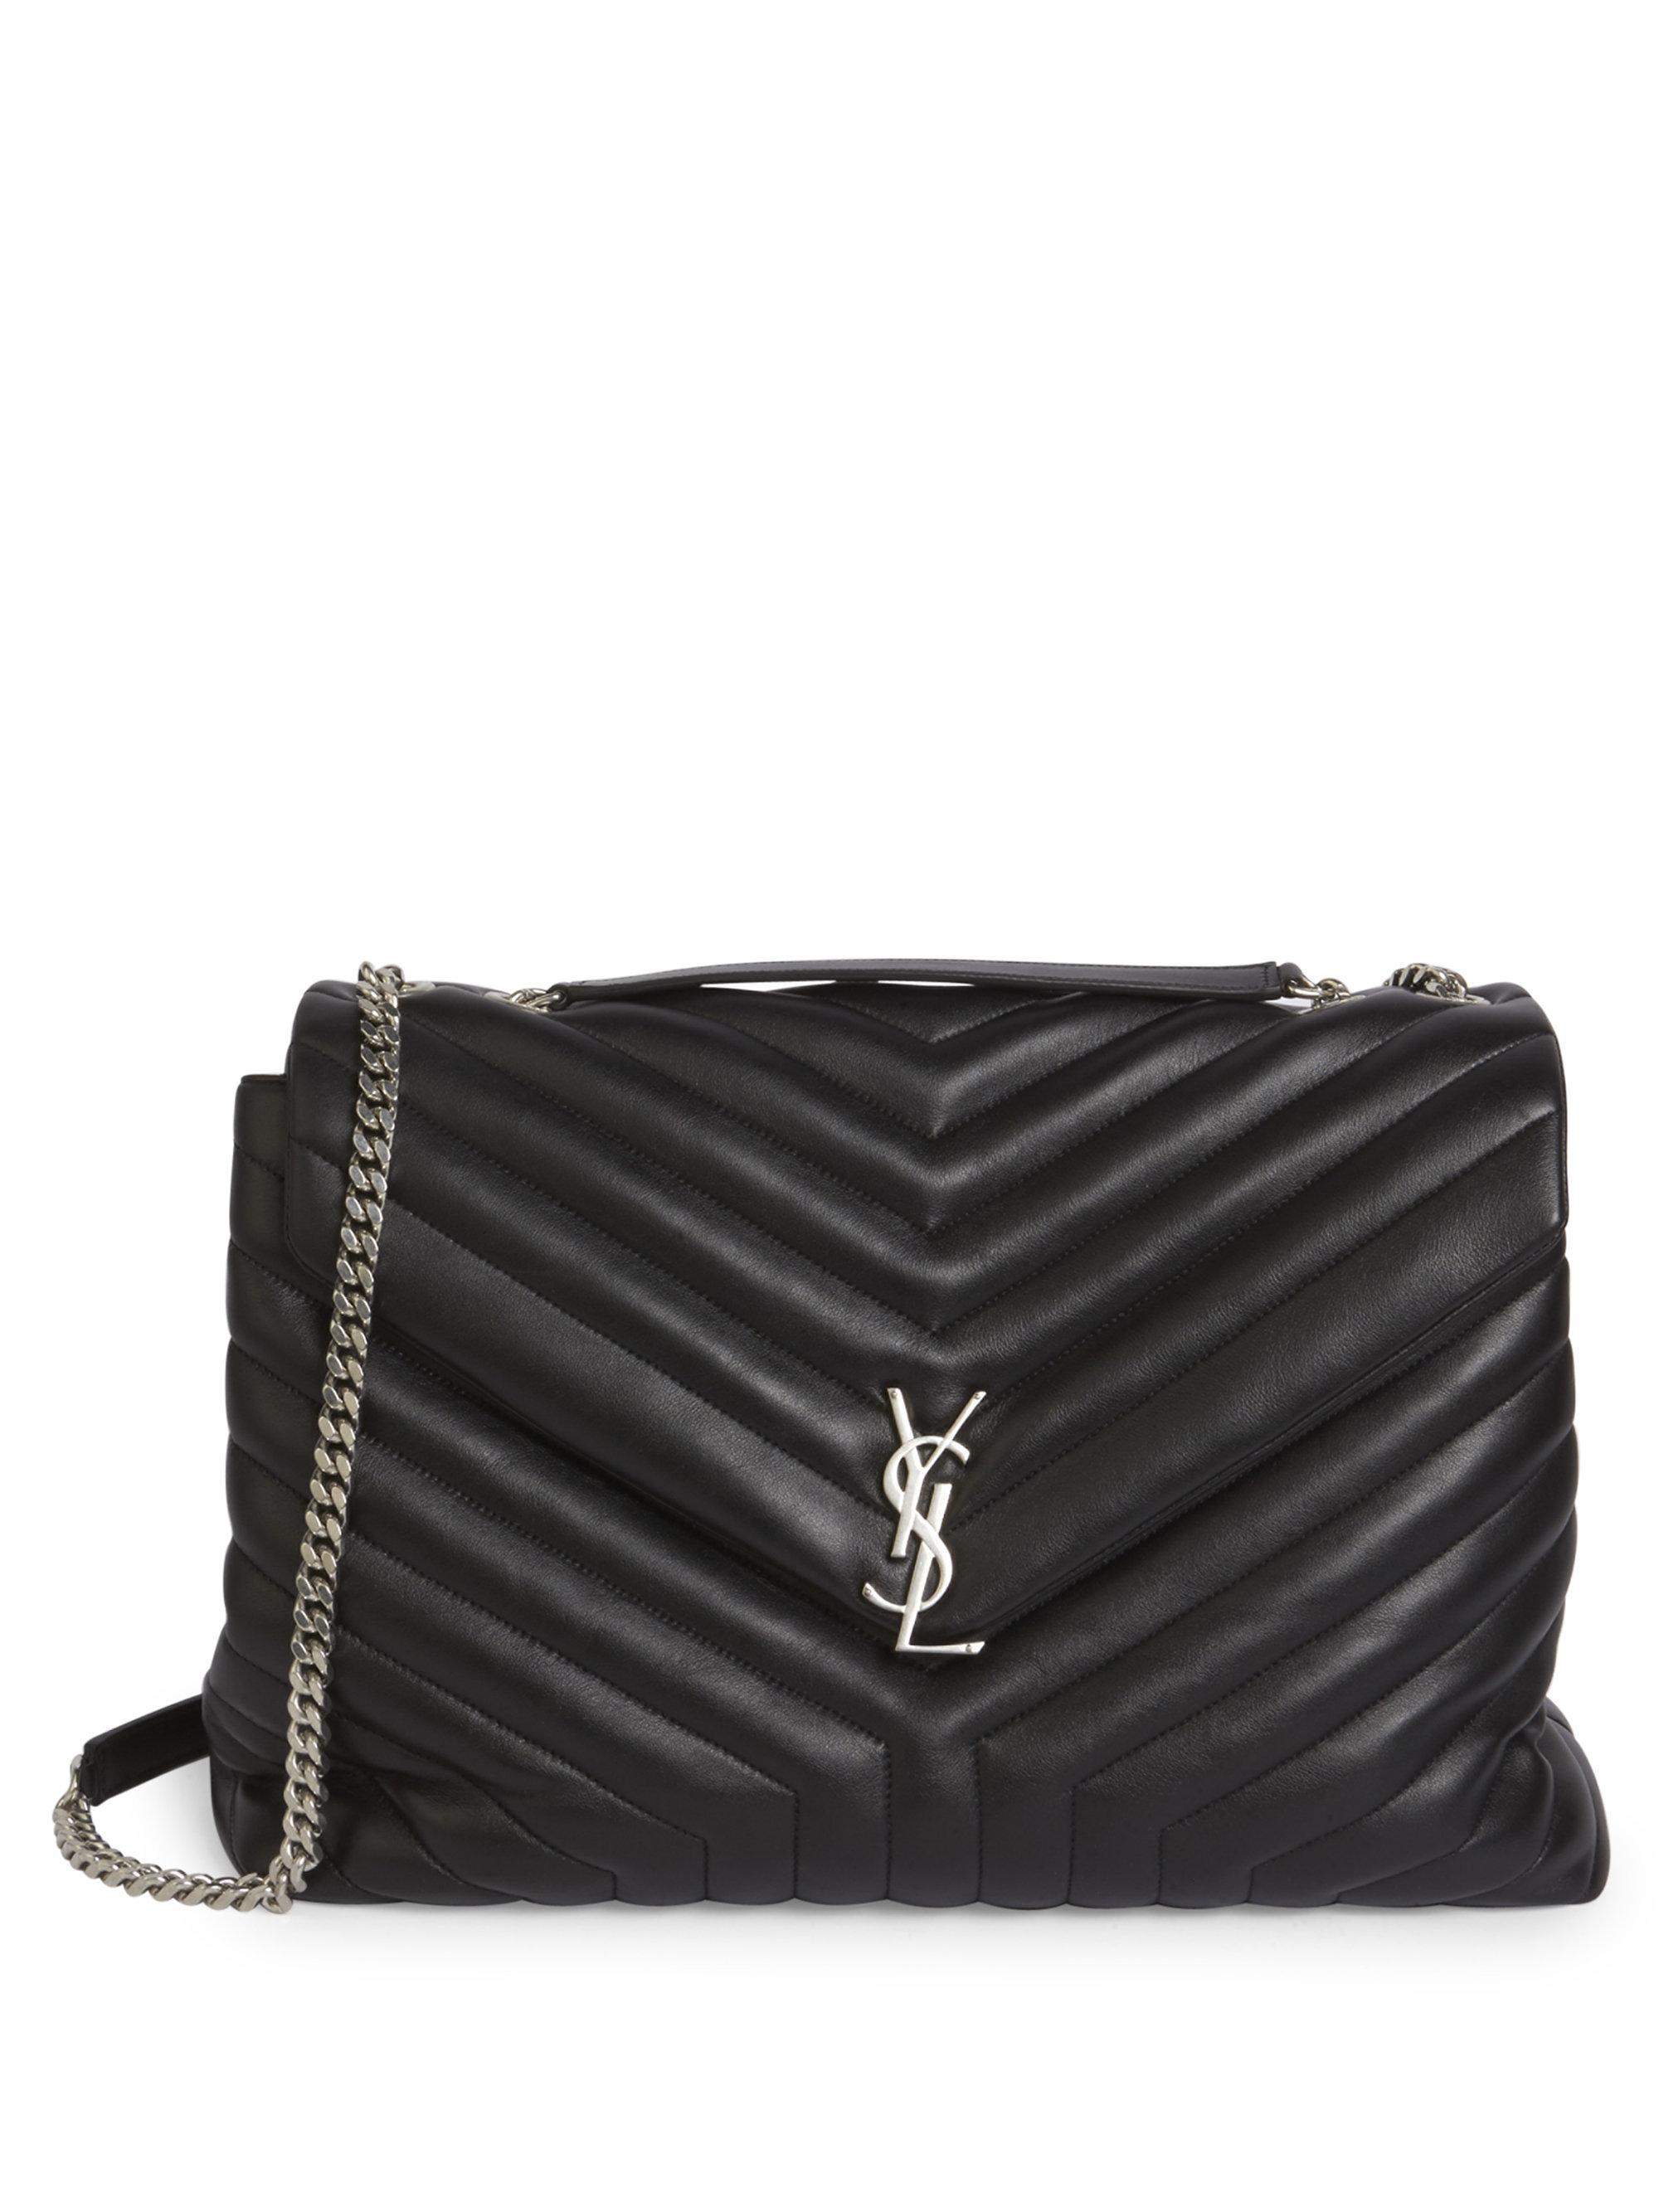 ... small monogram camera factory price 9de4d ef4fc  Saint Laurent. Womens  Black Large Lou Lou Leather Chain Shoulder Bag sale retailer f79d6 41f15 .  ... 137f504175743